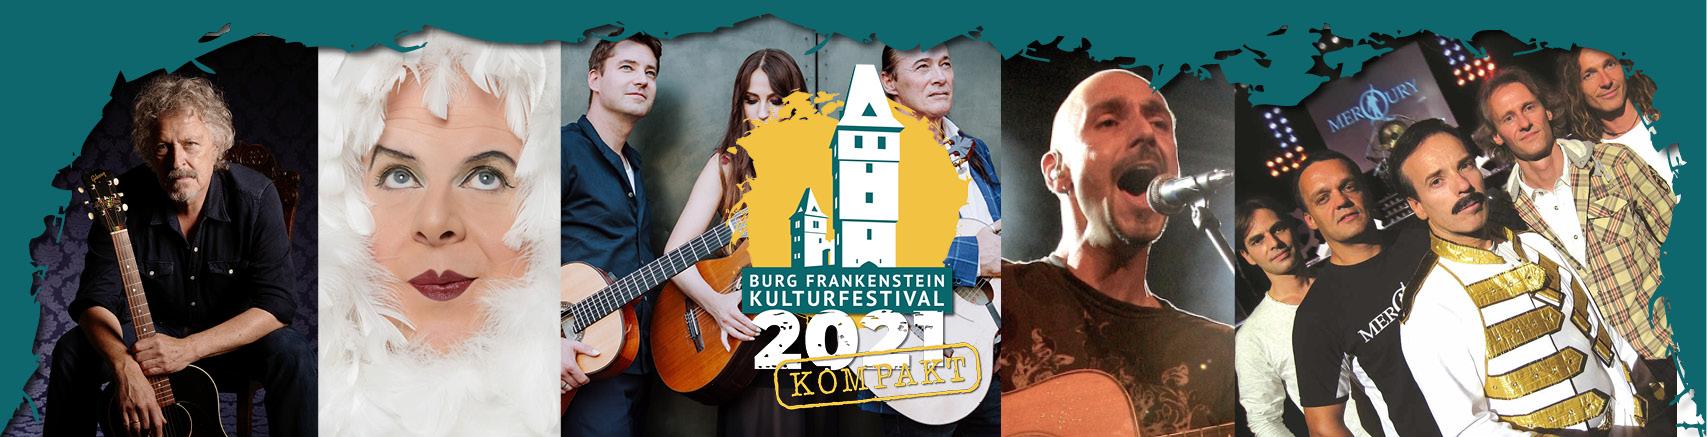 Frankenstein Kulturfestival KOMPAKT 2021